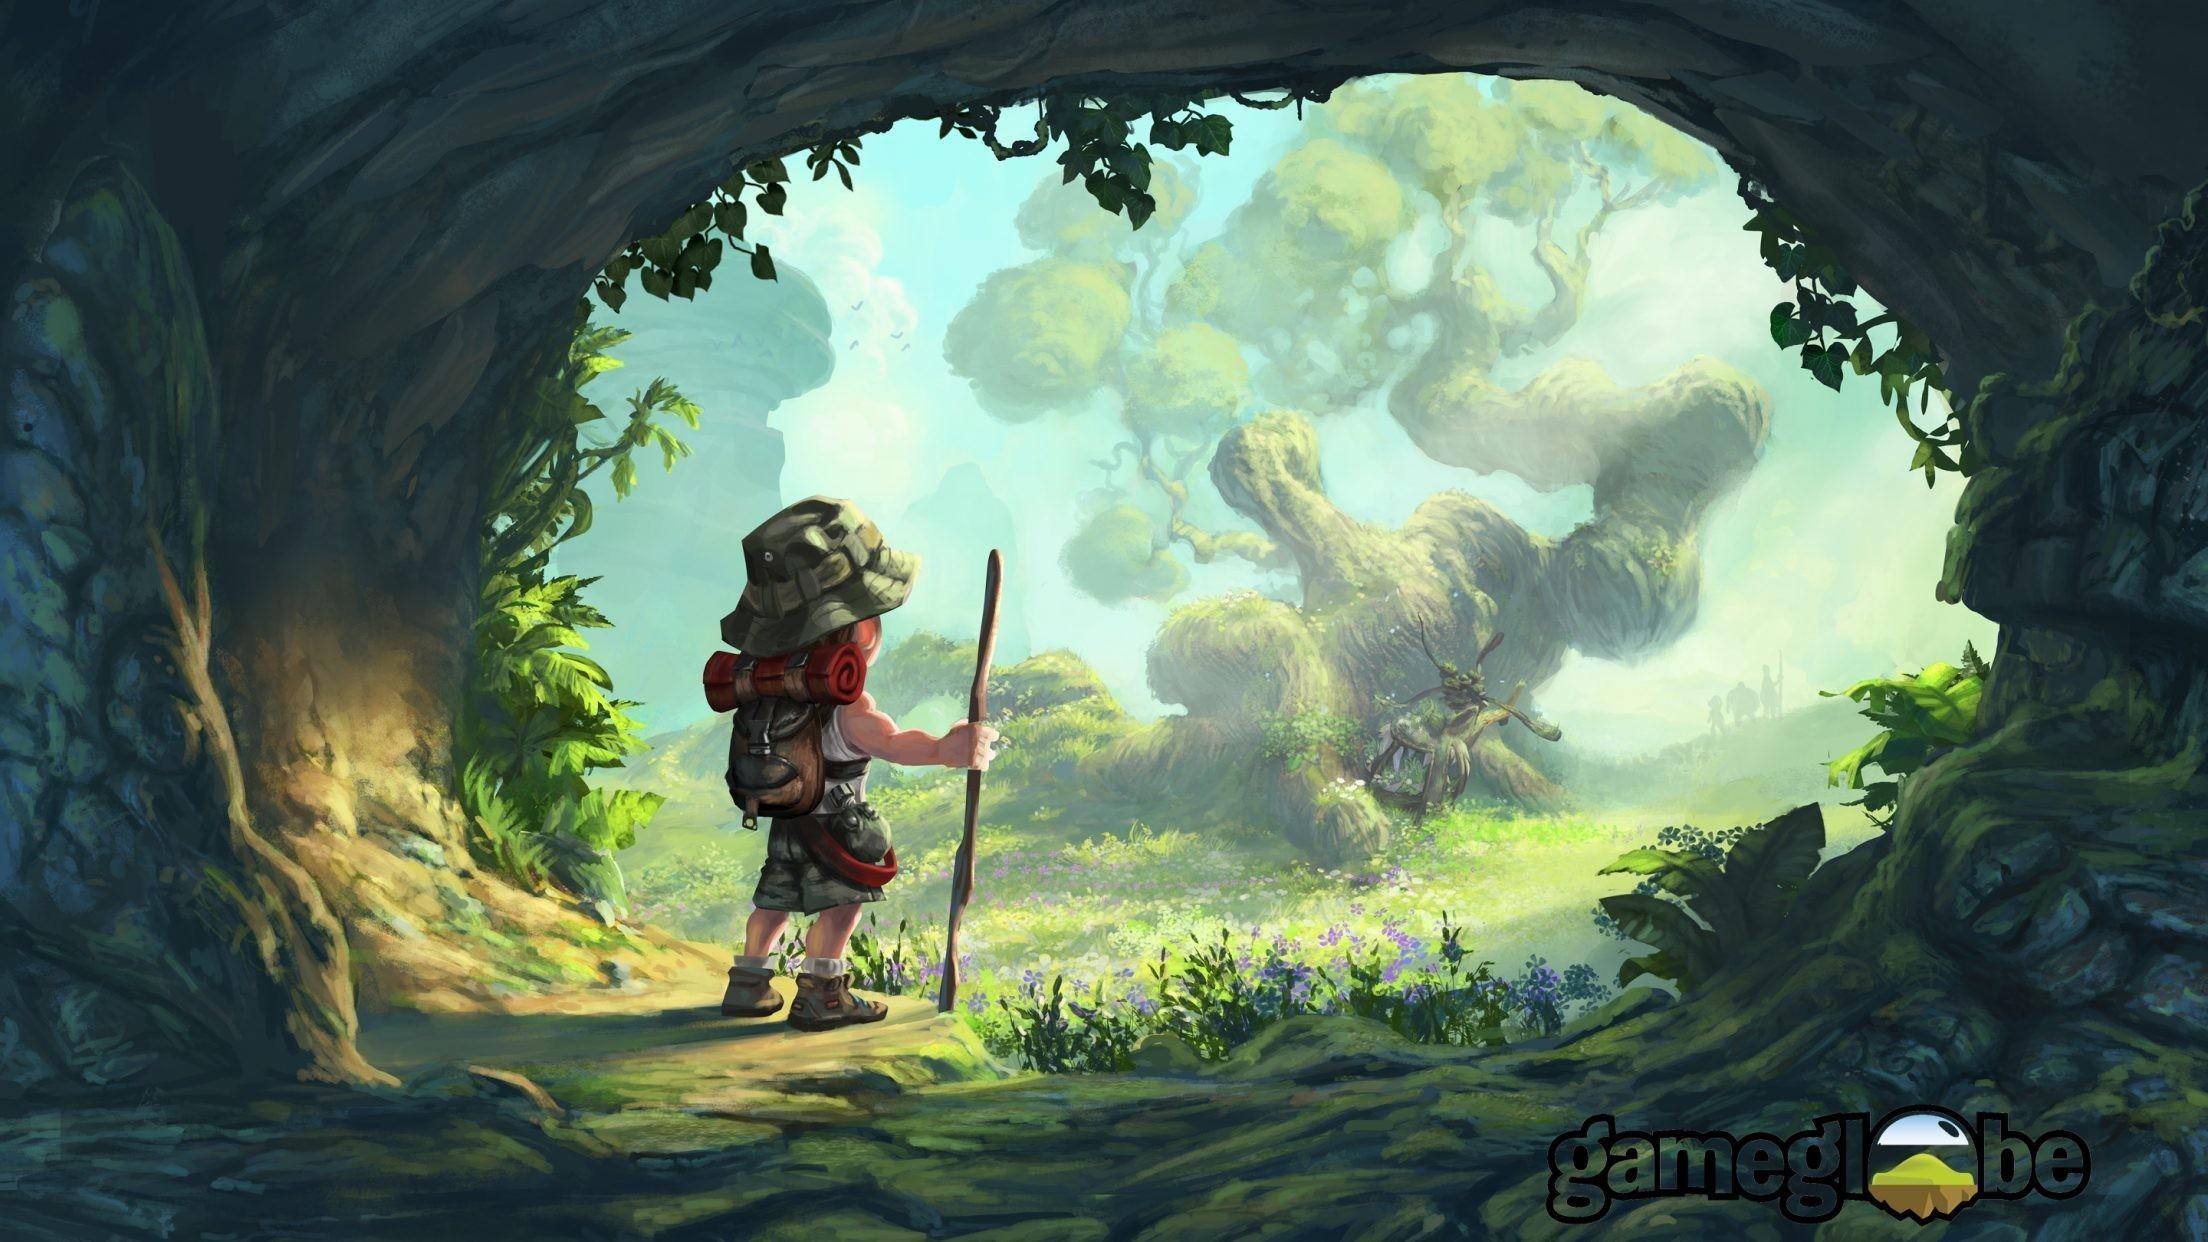 4k Games Wallpaper 82 Images